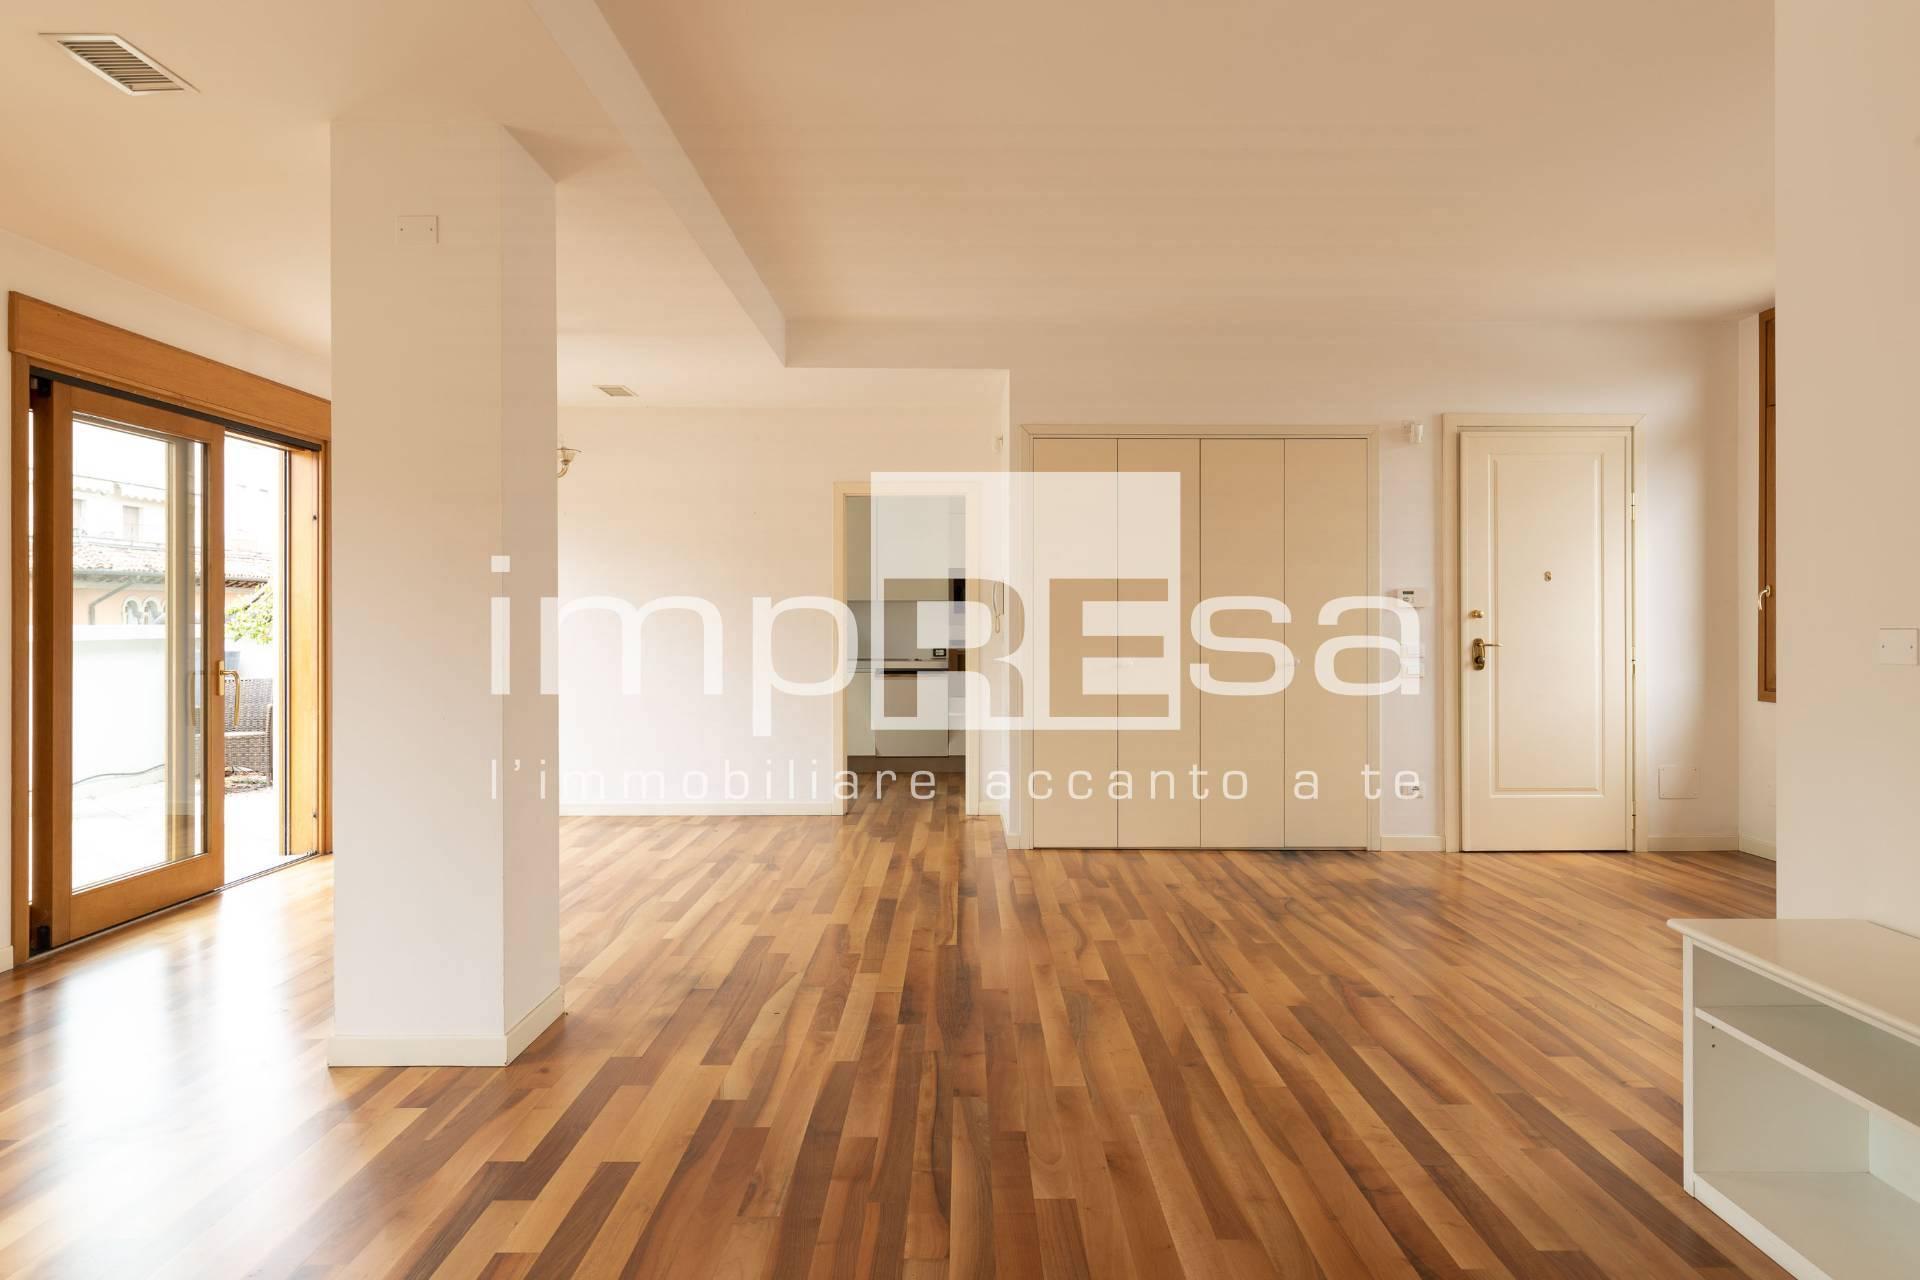 Attico / Mansarda in affitto a Treviso, 9 locali, zona Località: Centrostorico, prezzo € 1.250.000 | CambioCasa.it